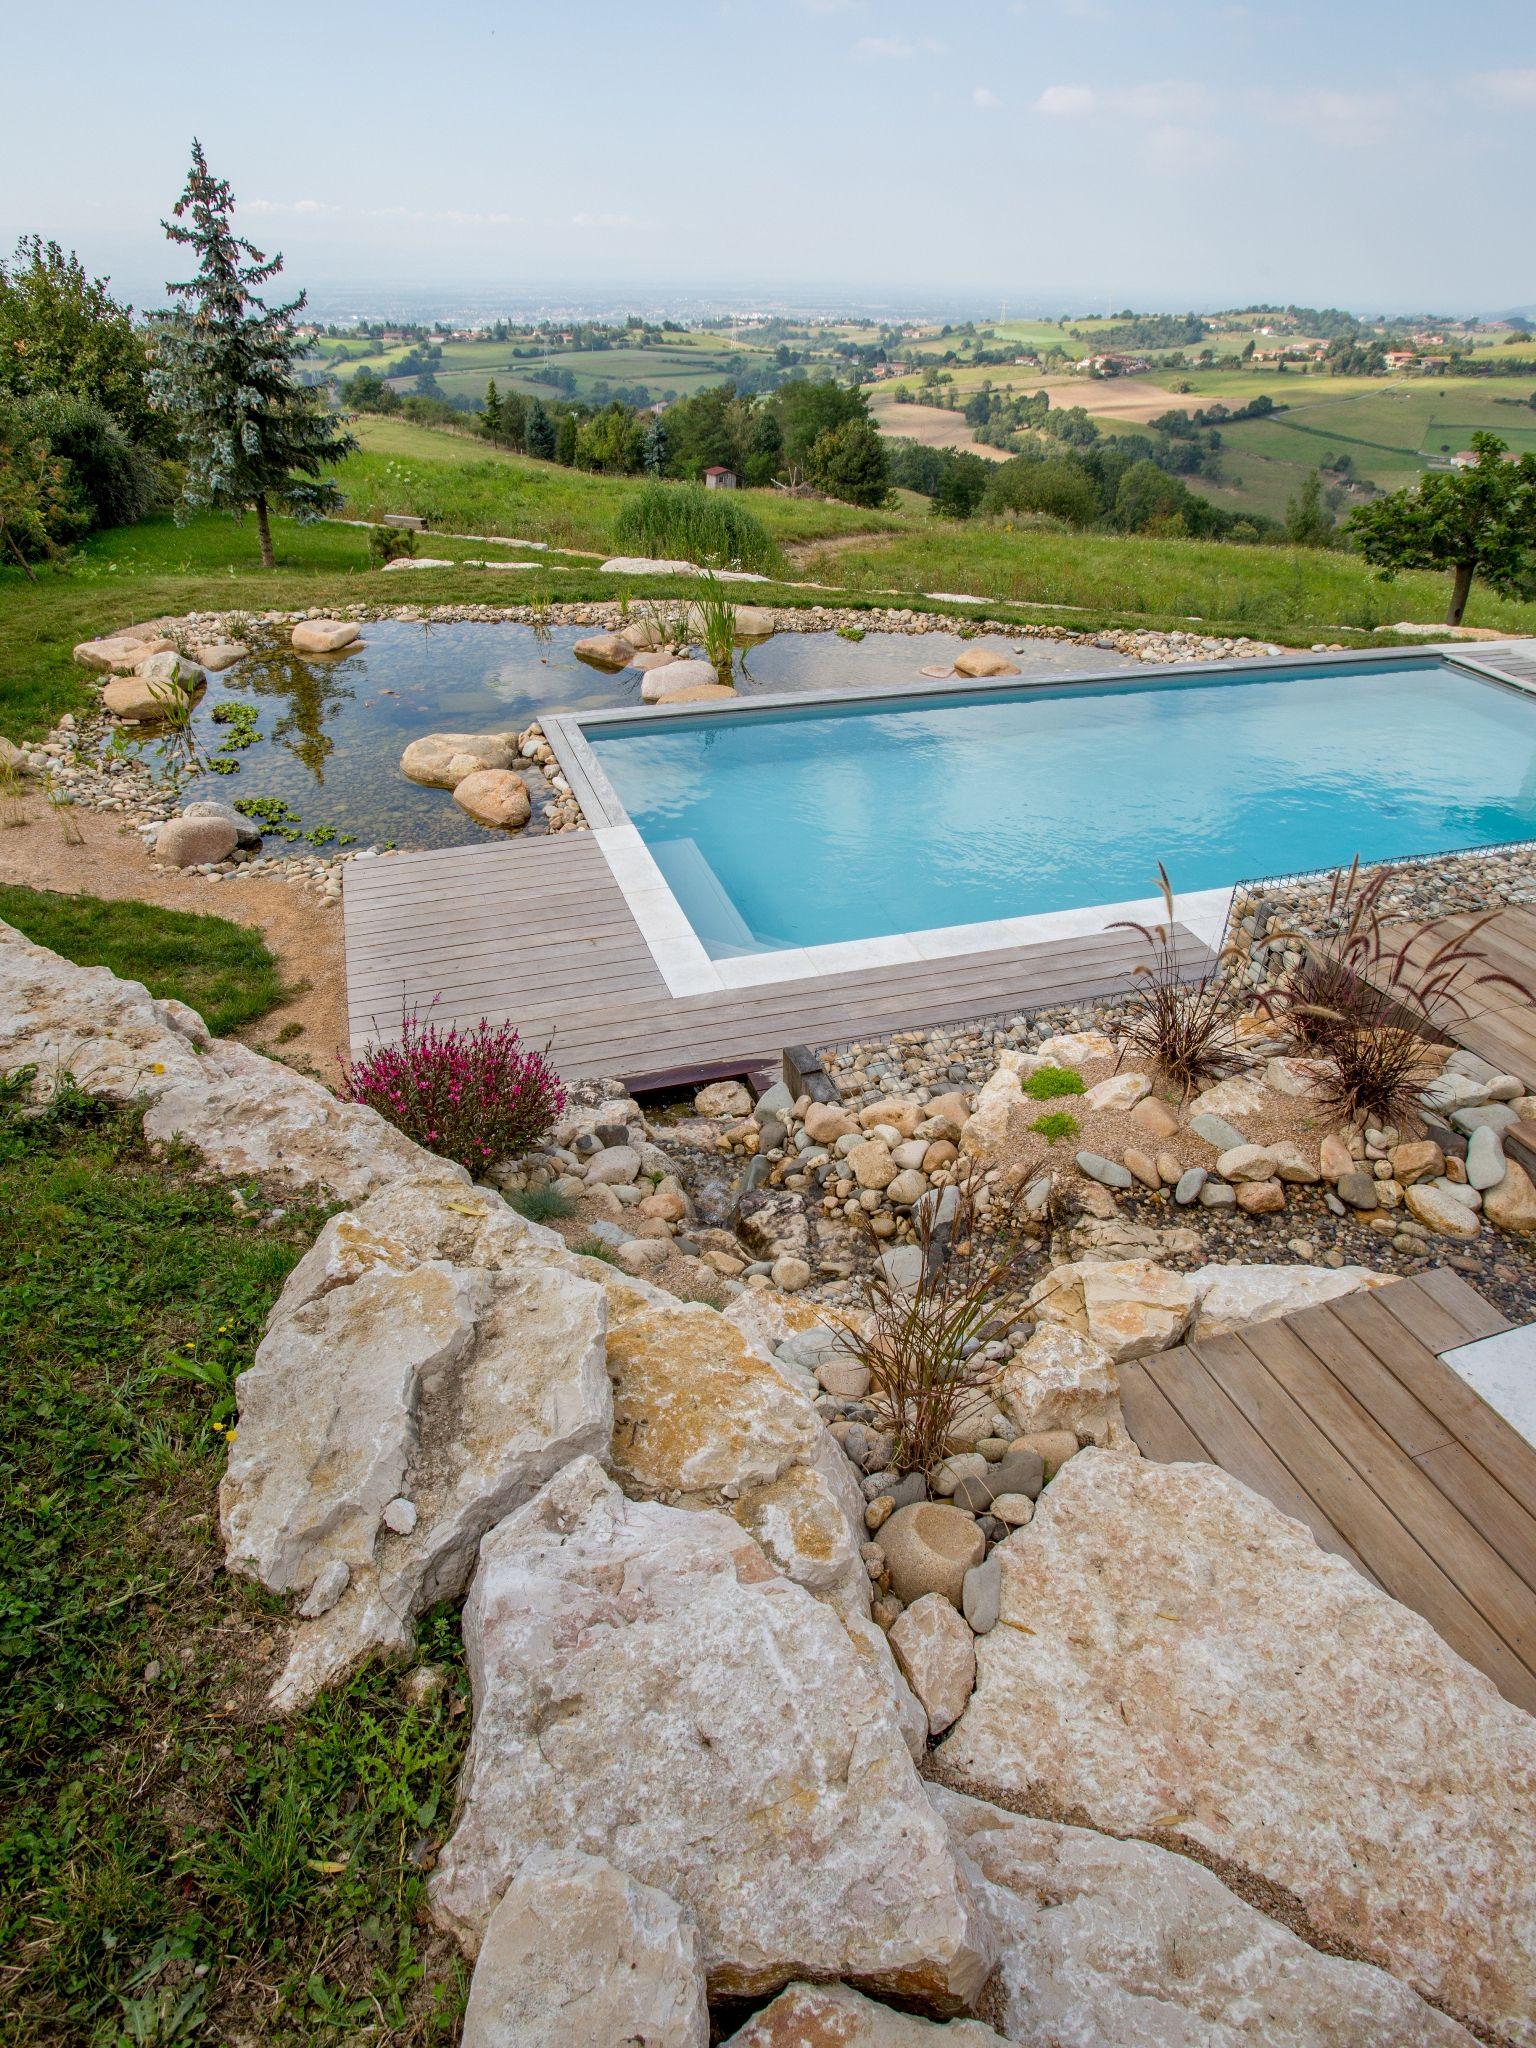 la piscine paysag e par l 39 esprit piscine 9 x 4 m rev tement gris clair escalier d angle. Black Bedroom Furniture Sets. Home Design Ideas